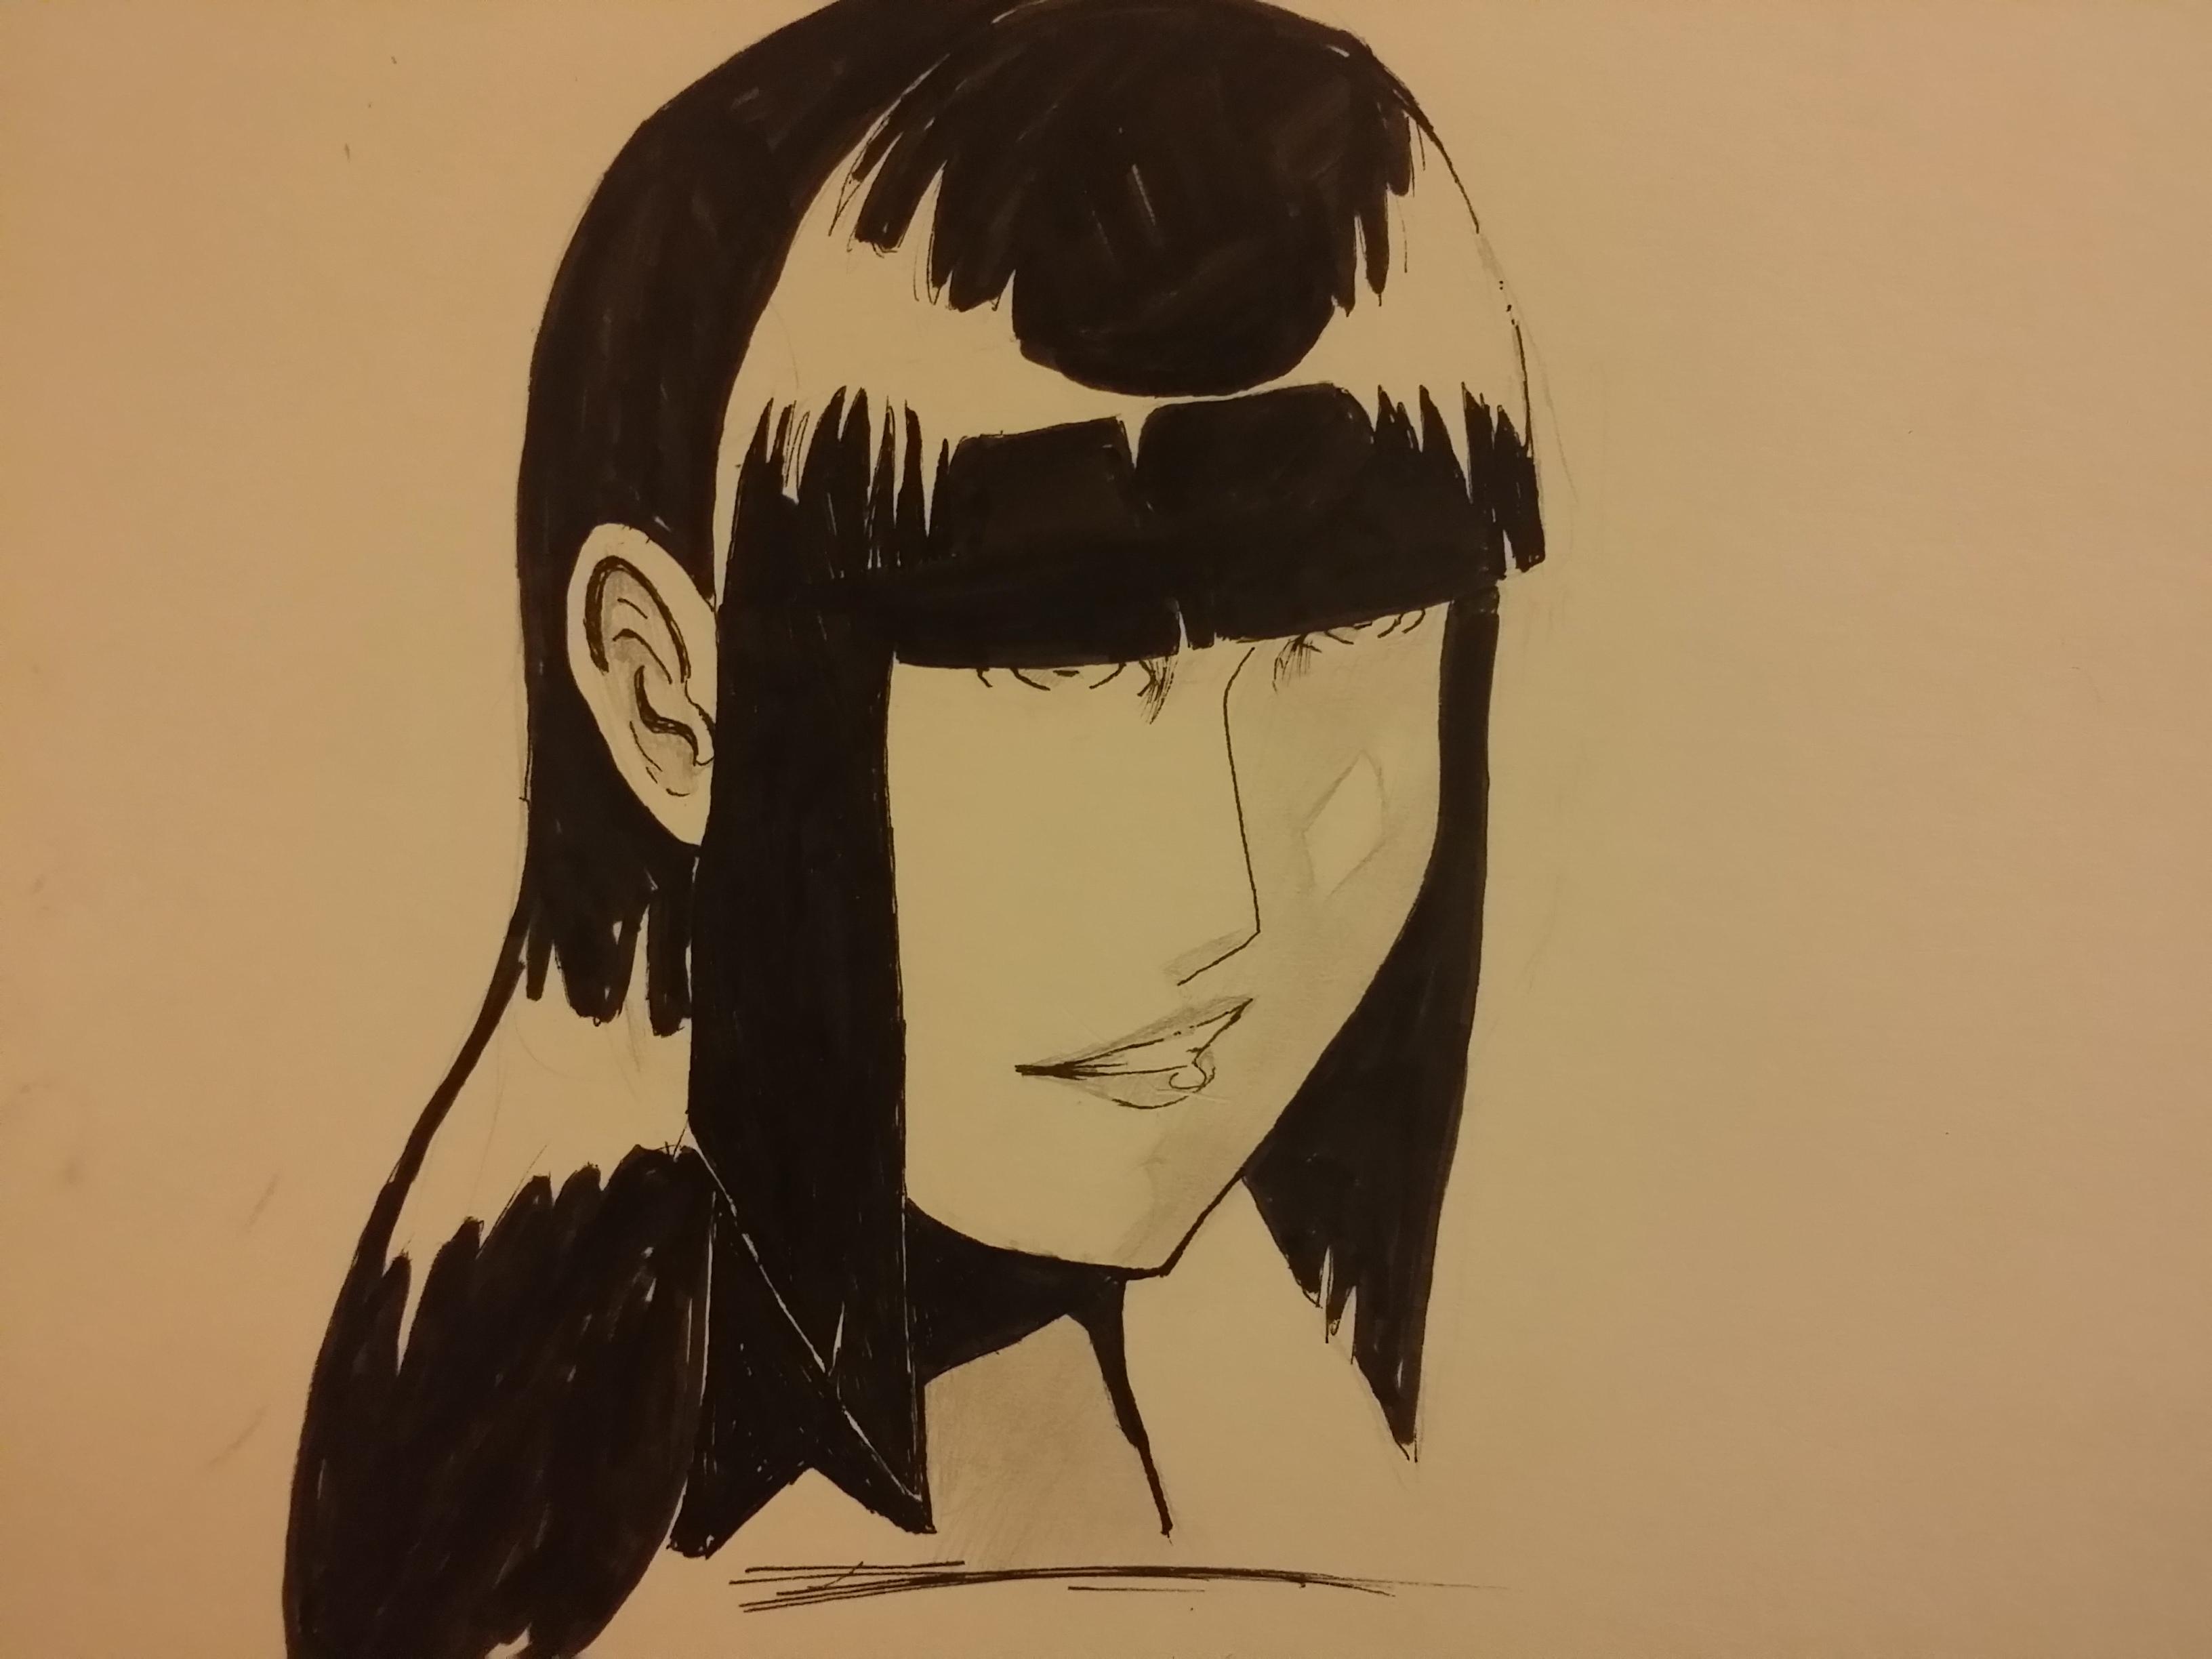 mascot, face: her names Corvus